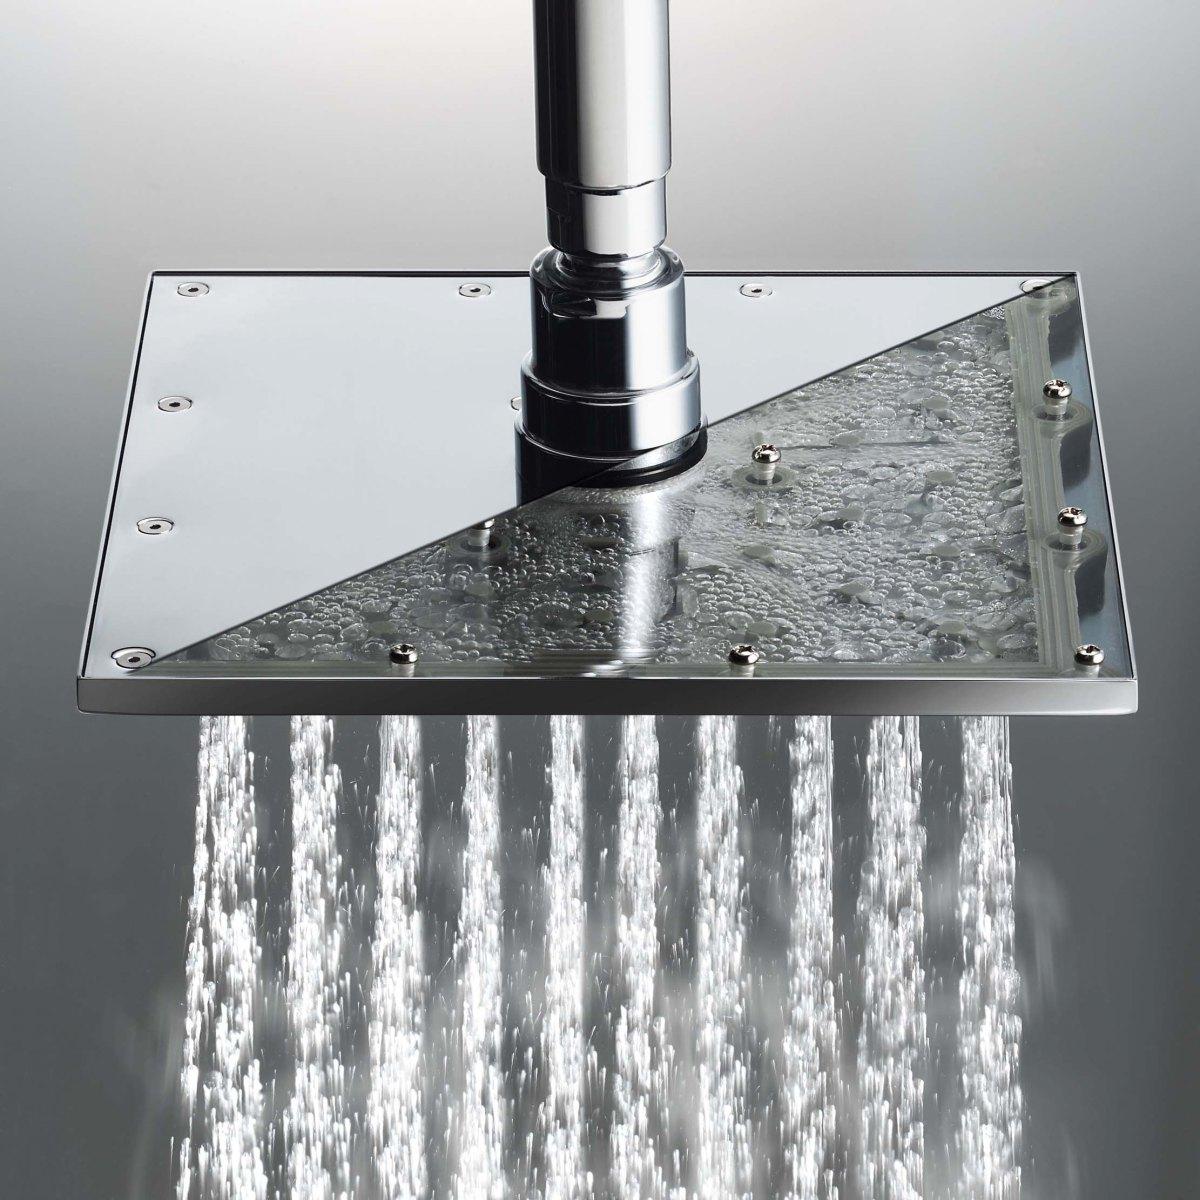 Lorenzetti destaca linha de duchas que economizam água